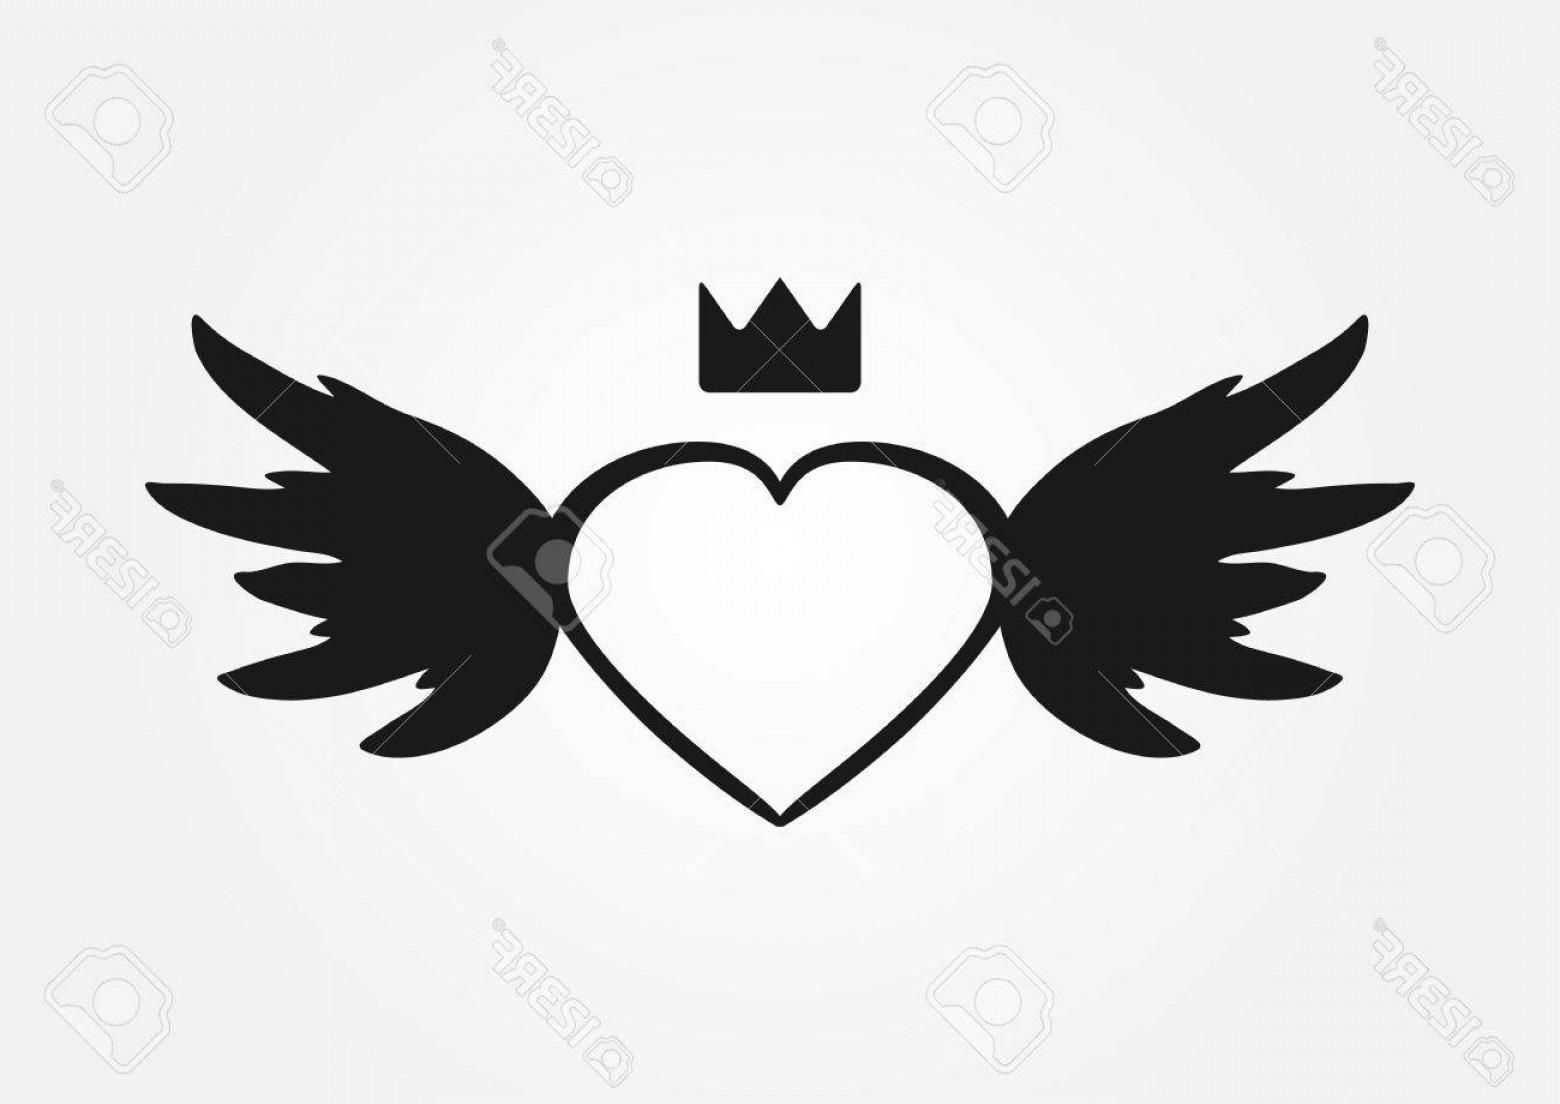 1560x1104 Torn Angel Wings Vector Createmepink